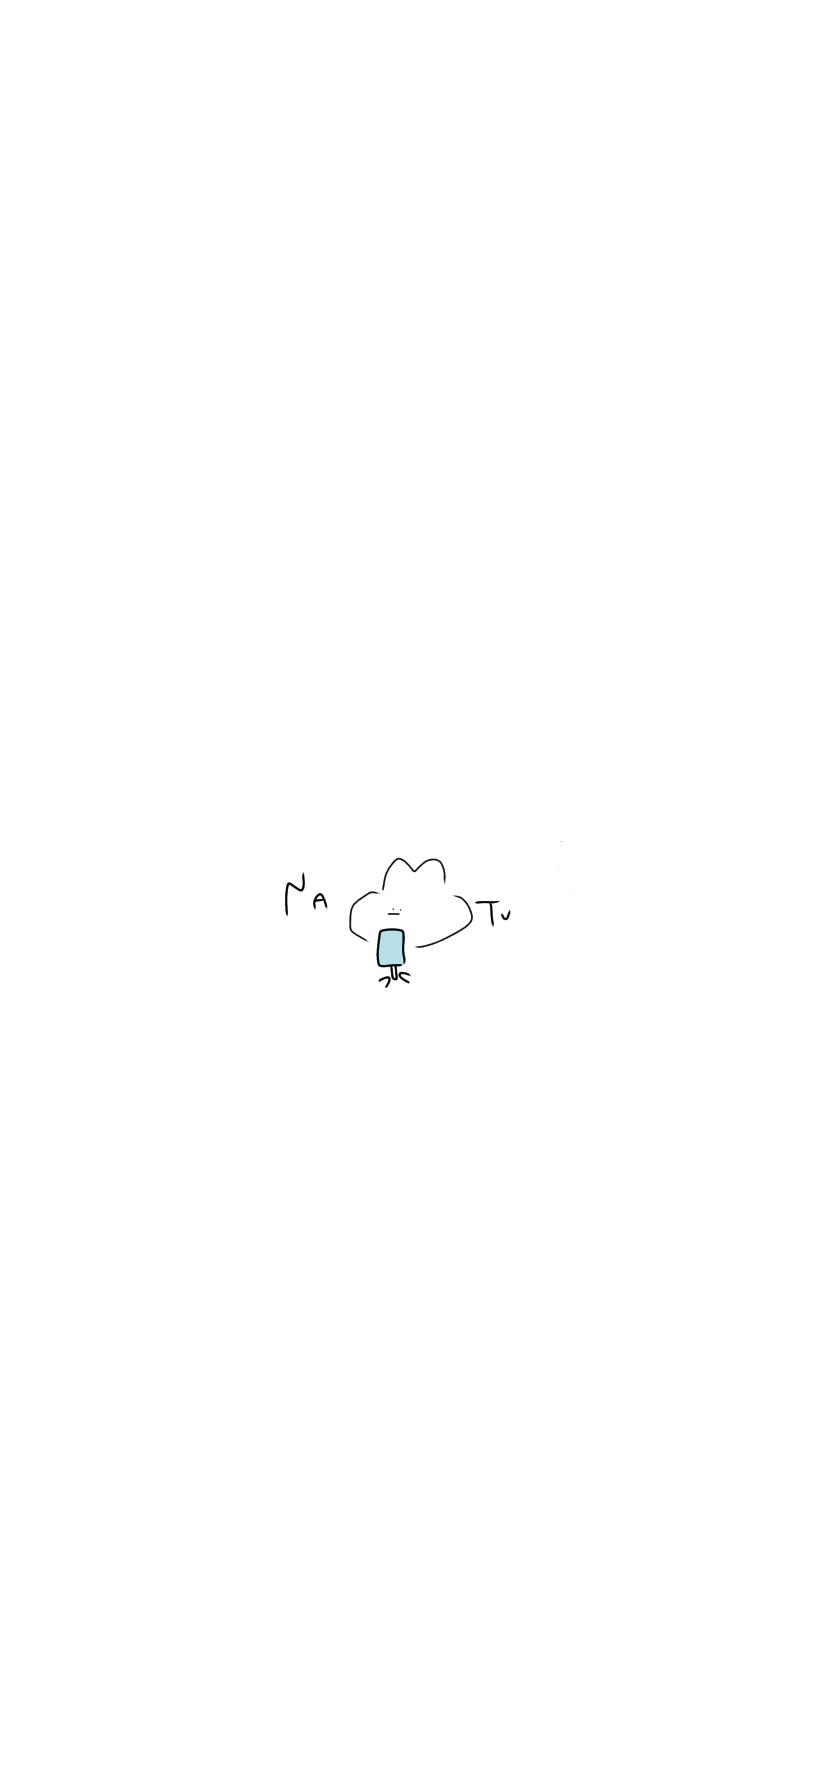 壁紙うさぎ夏イラスト